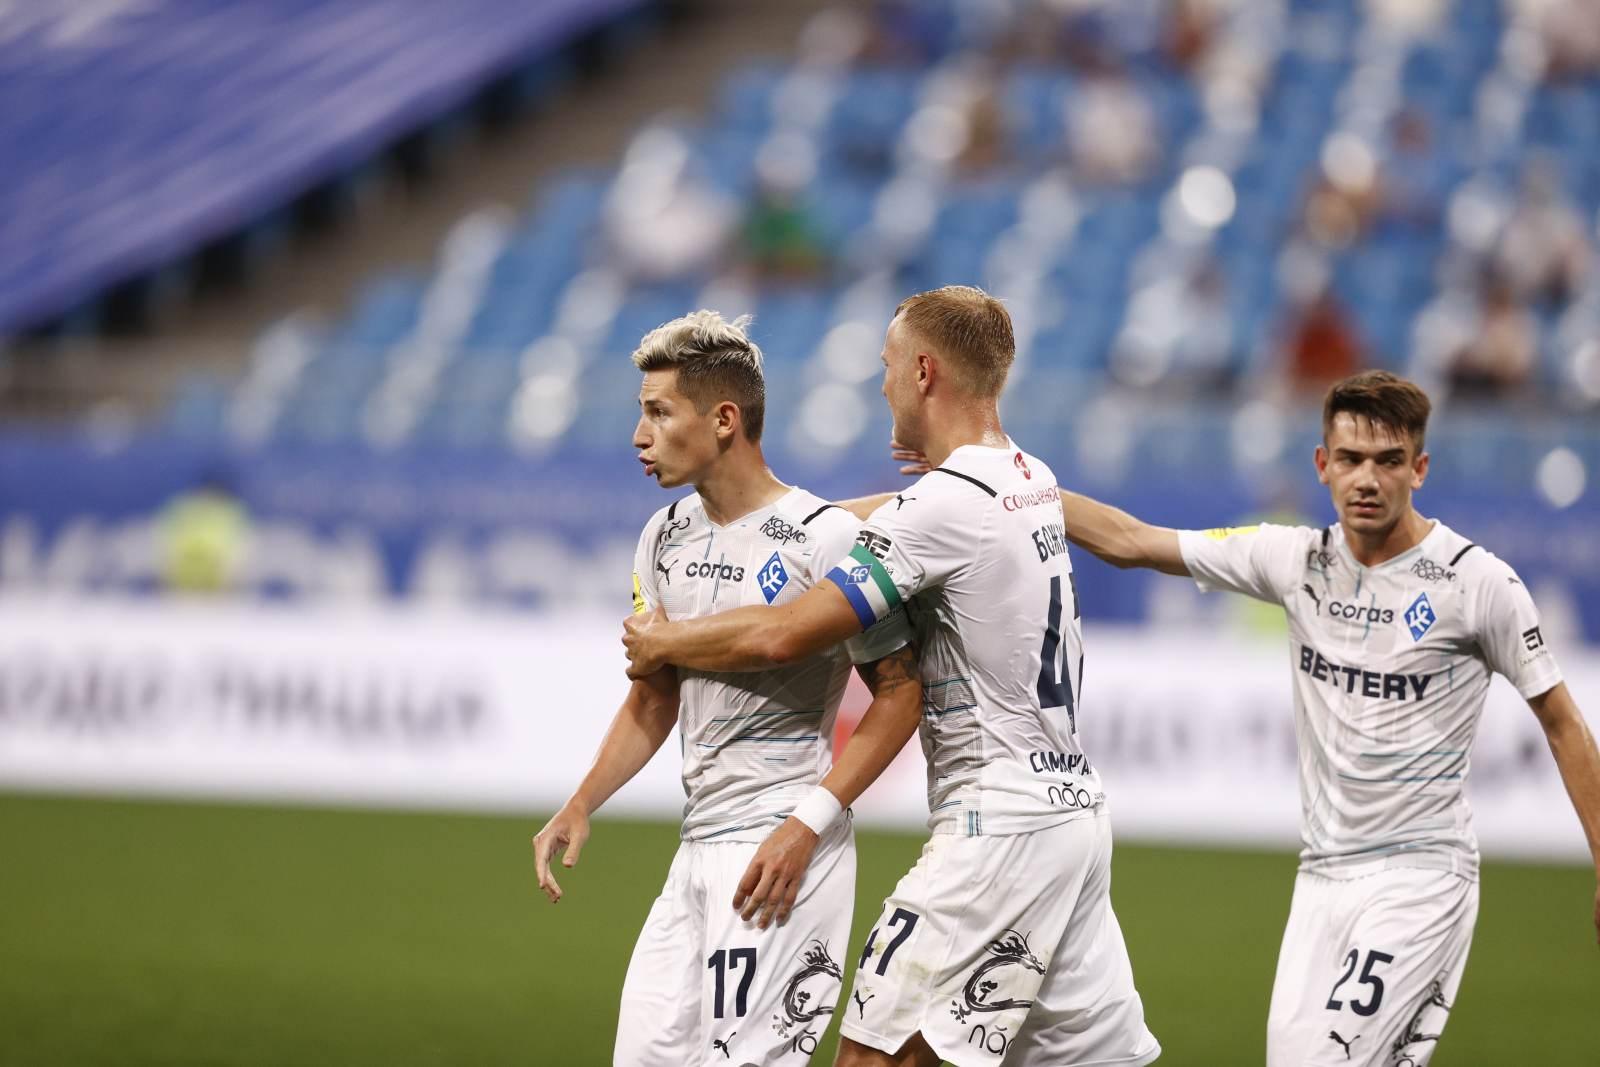 В Кубке России зафиксирован самый крупный счёт в истории